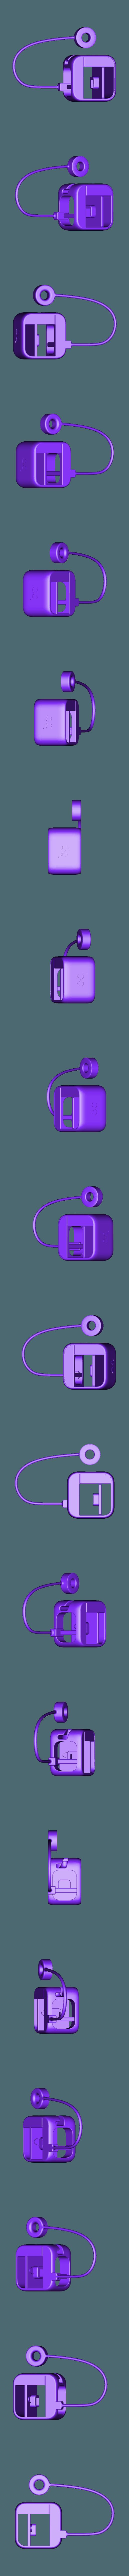 witbox-go-keyring.stl Download free STL file Witbox Go! Keyring • 3D print design, BQ_3D